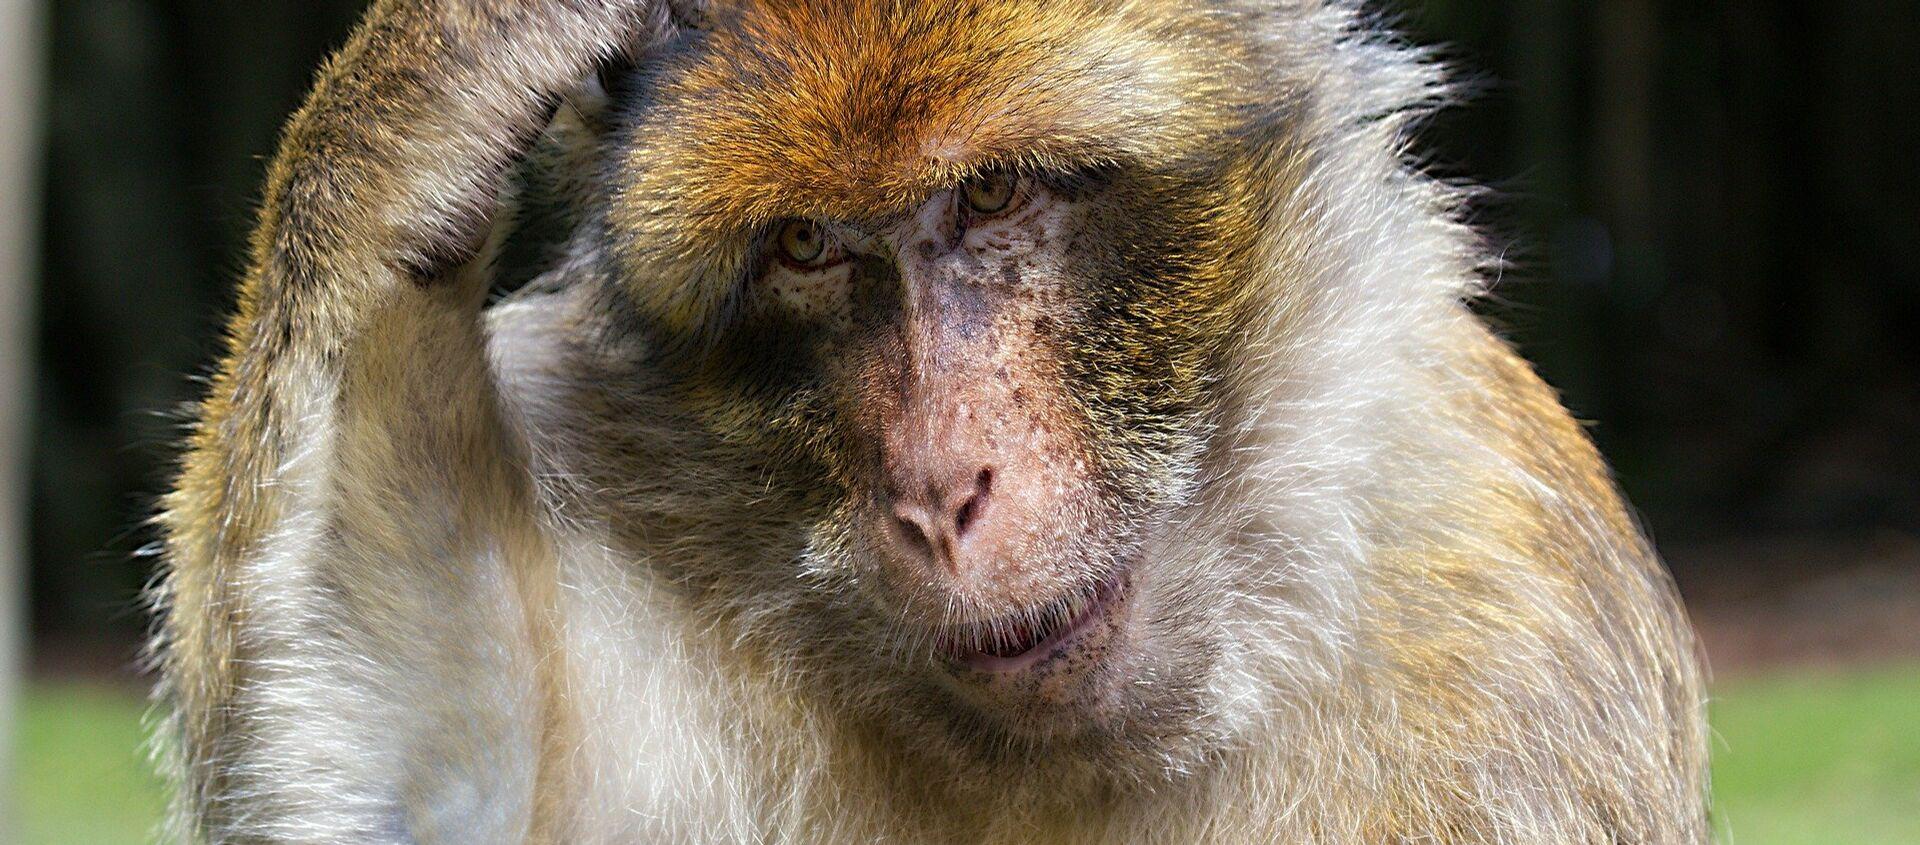 Μια μαϊμού - Sputnik Ελλάδα, 1920, 18.06.2020